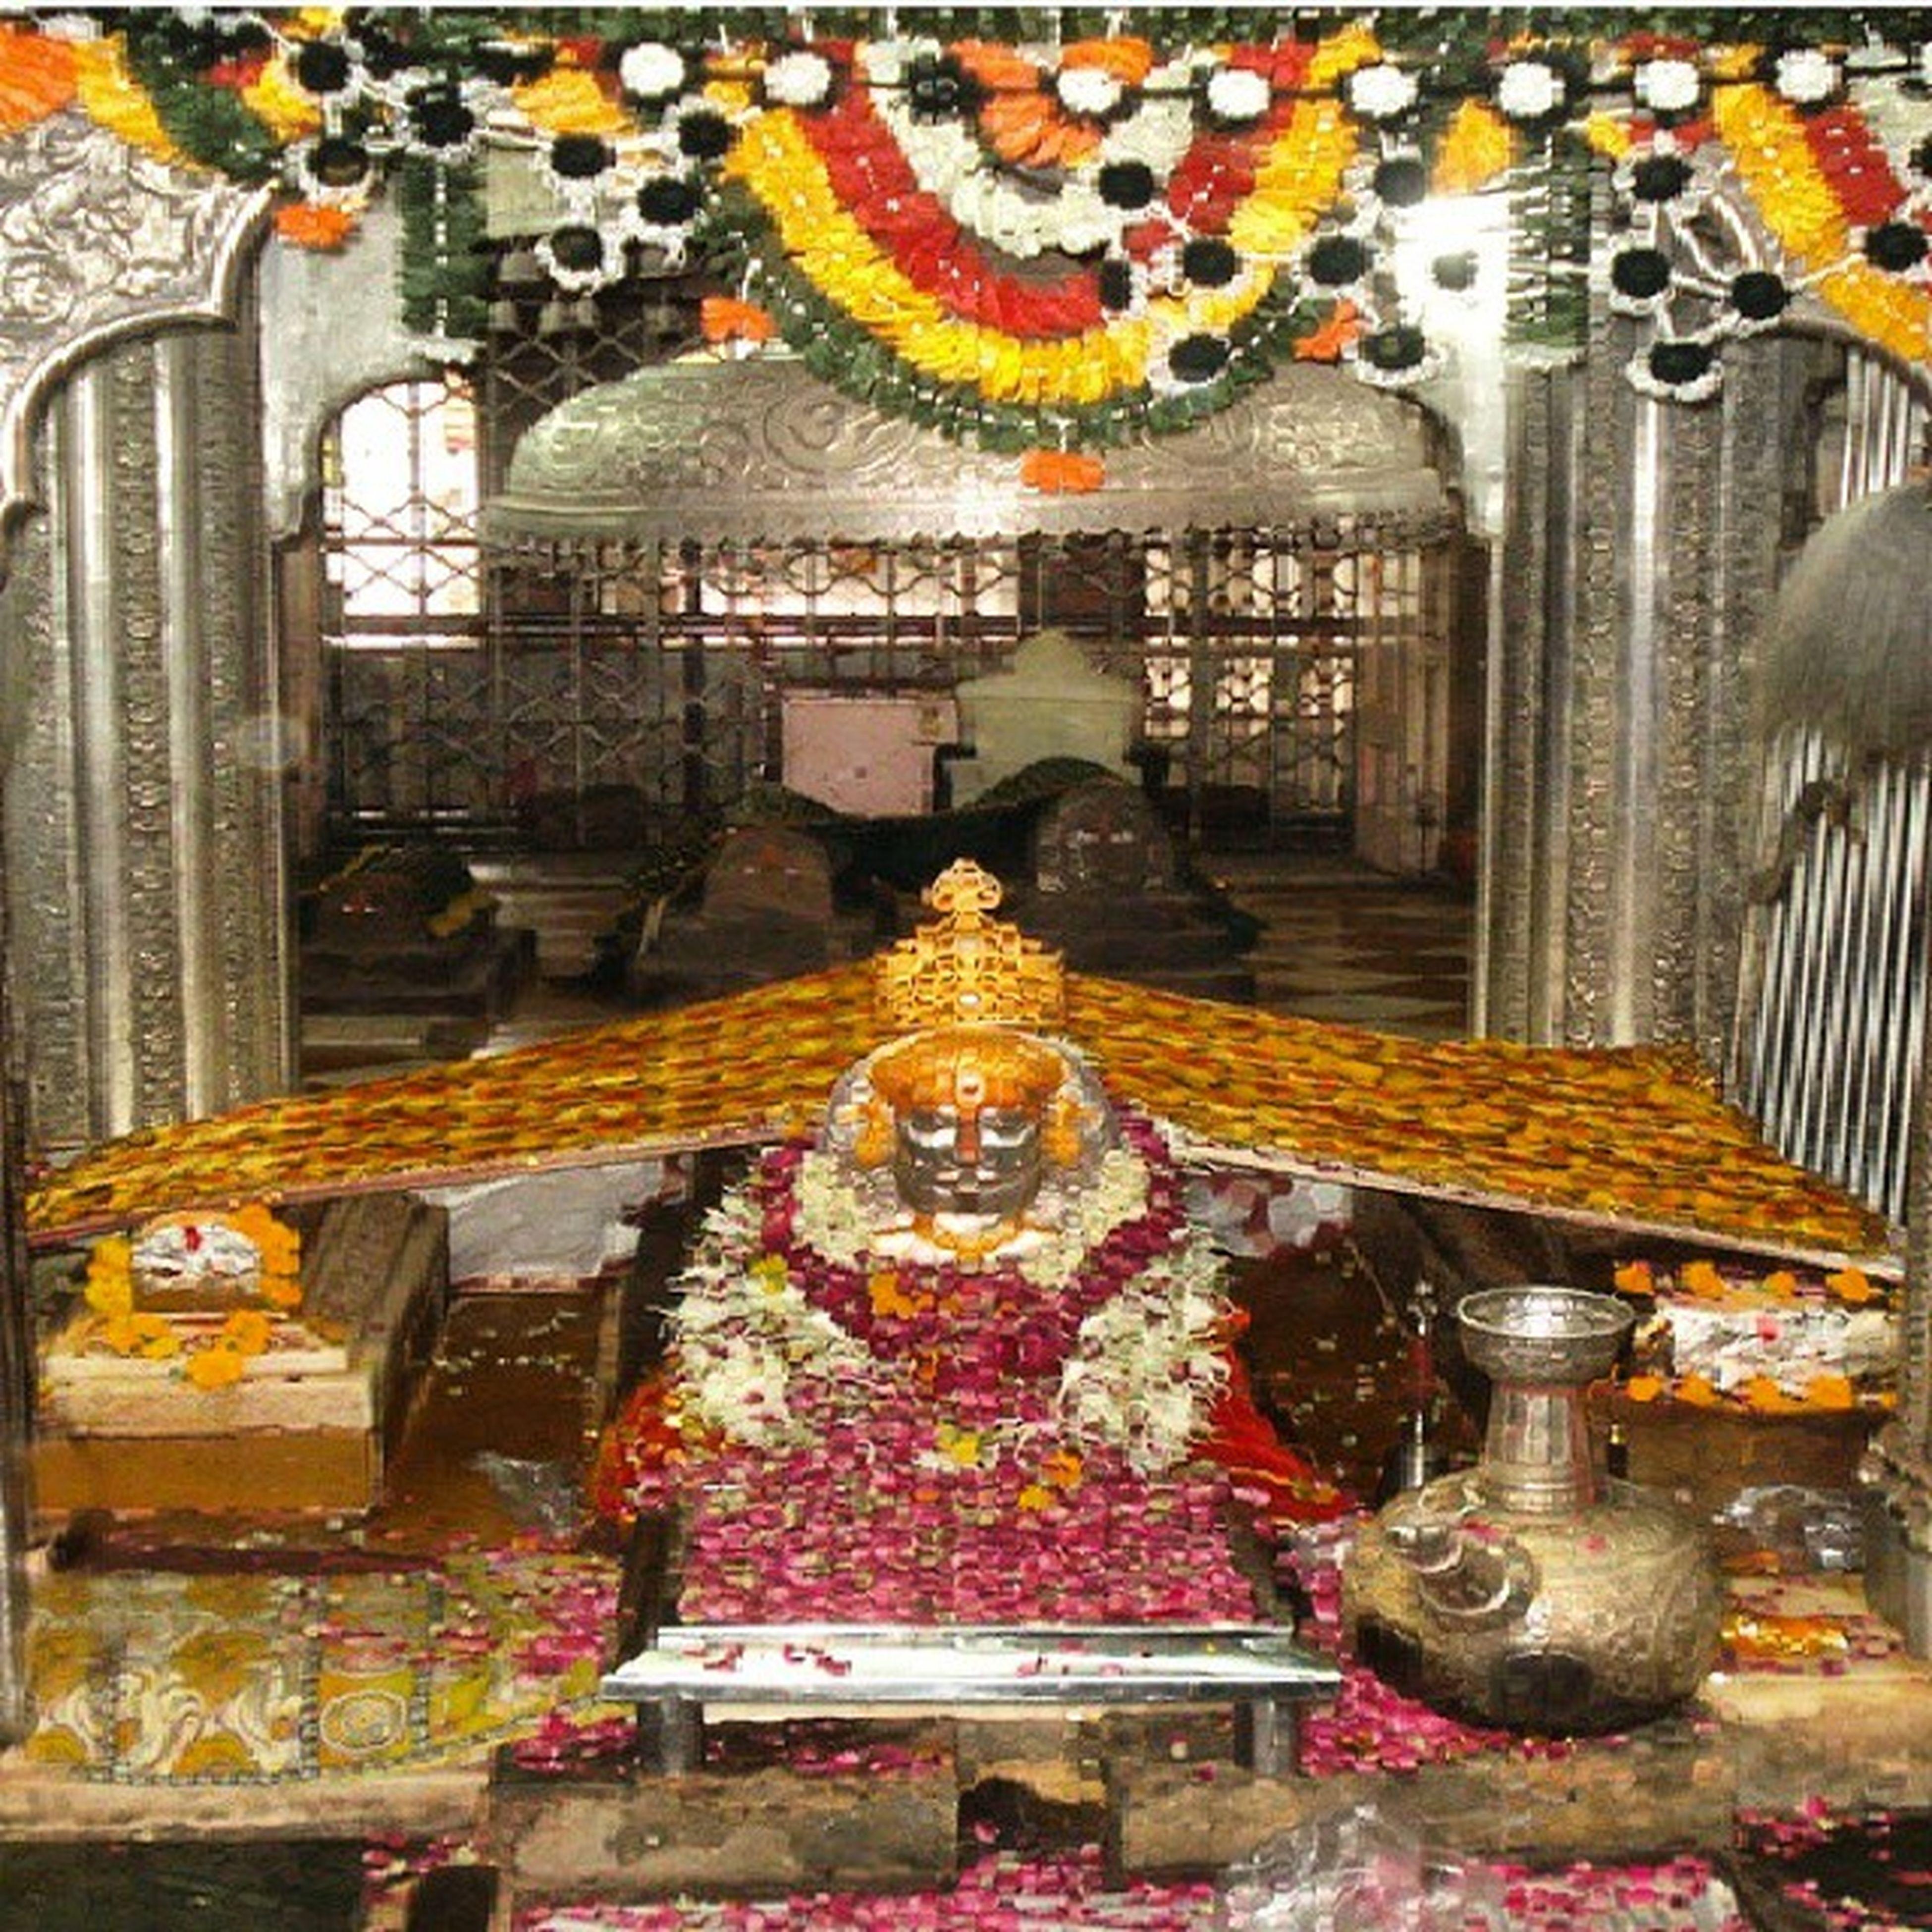 भाद्रवा की बीज की सभी को हार्दिक बधाई!! जय बाबा री सा!! JaiRamdavji BabaRamdev RamsaPeer RunicheRaBabaRamdev JaiBabaRi.